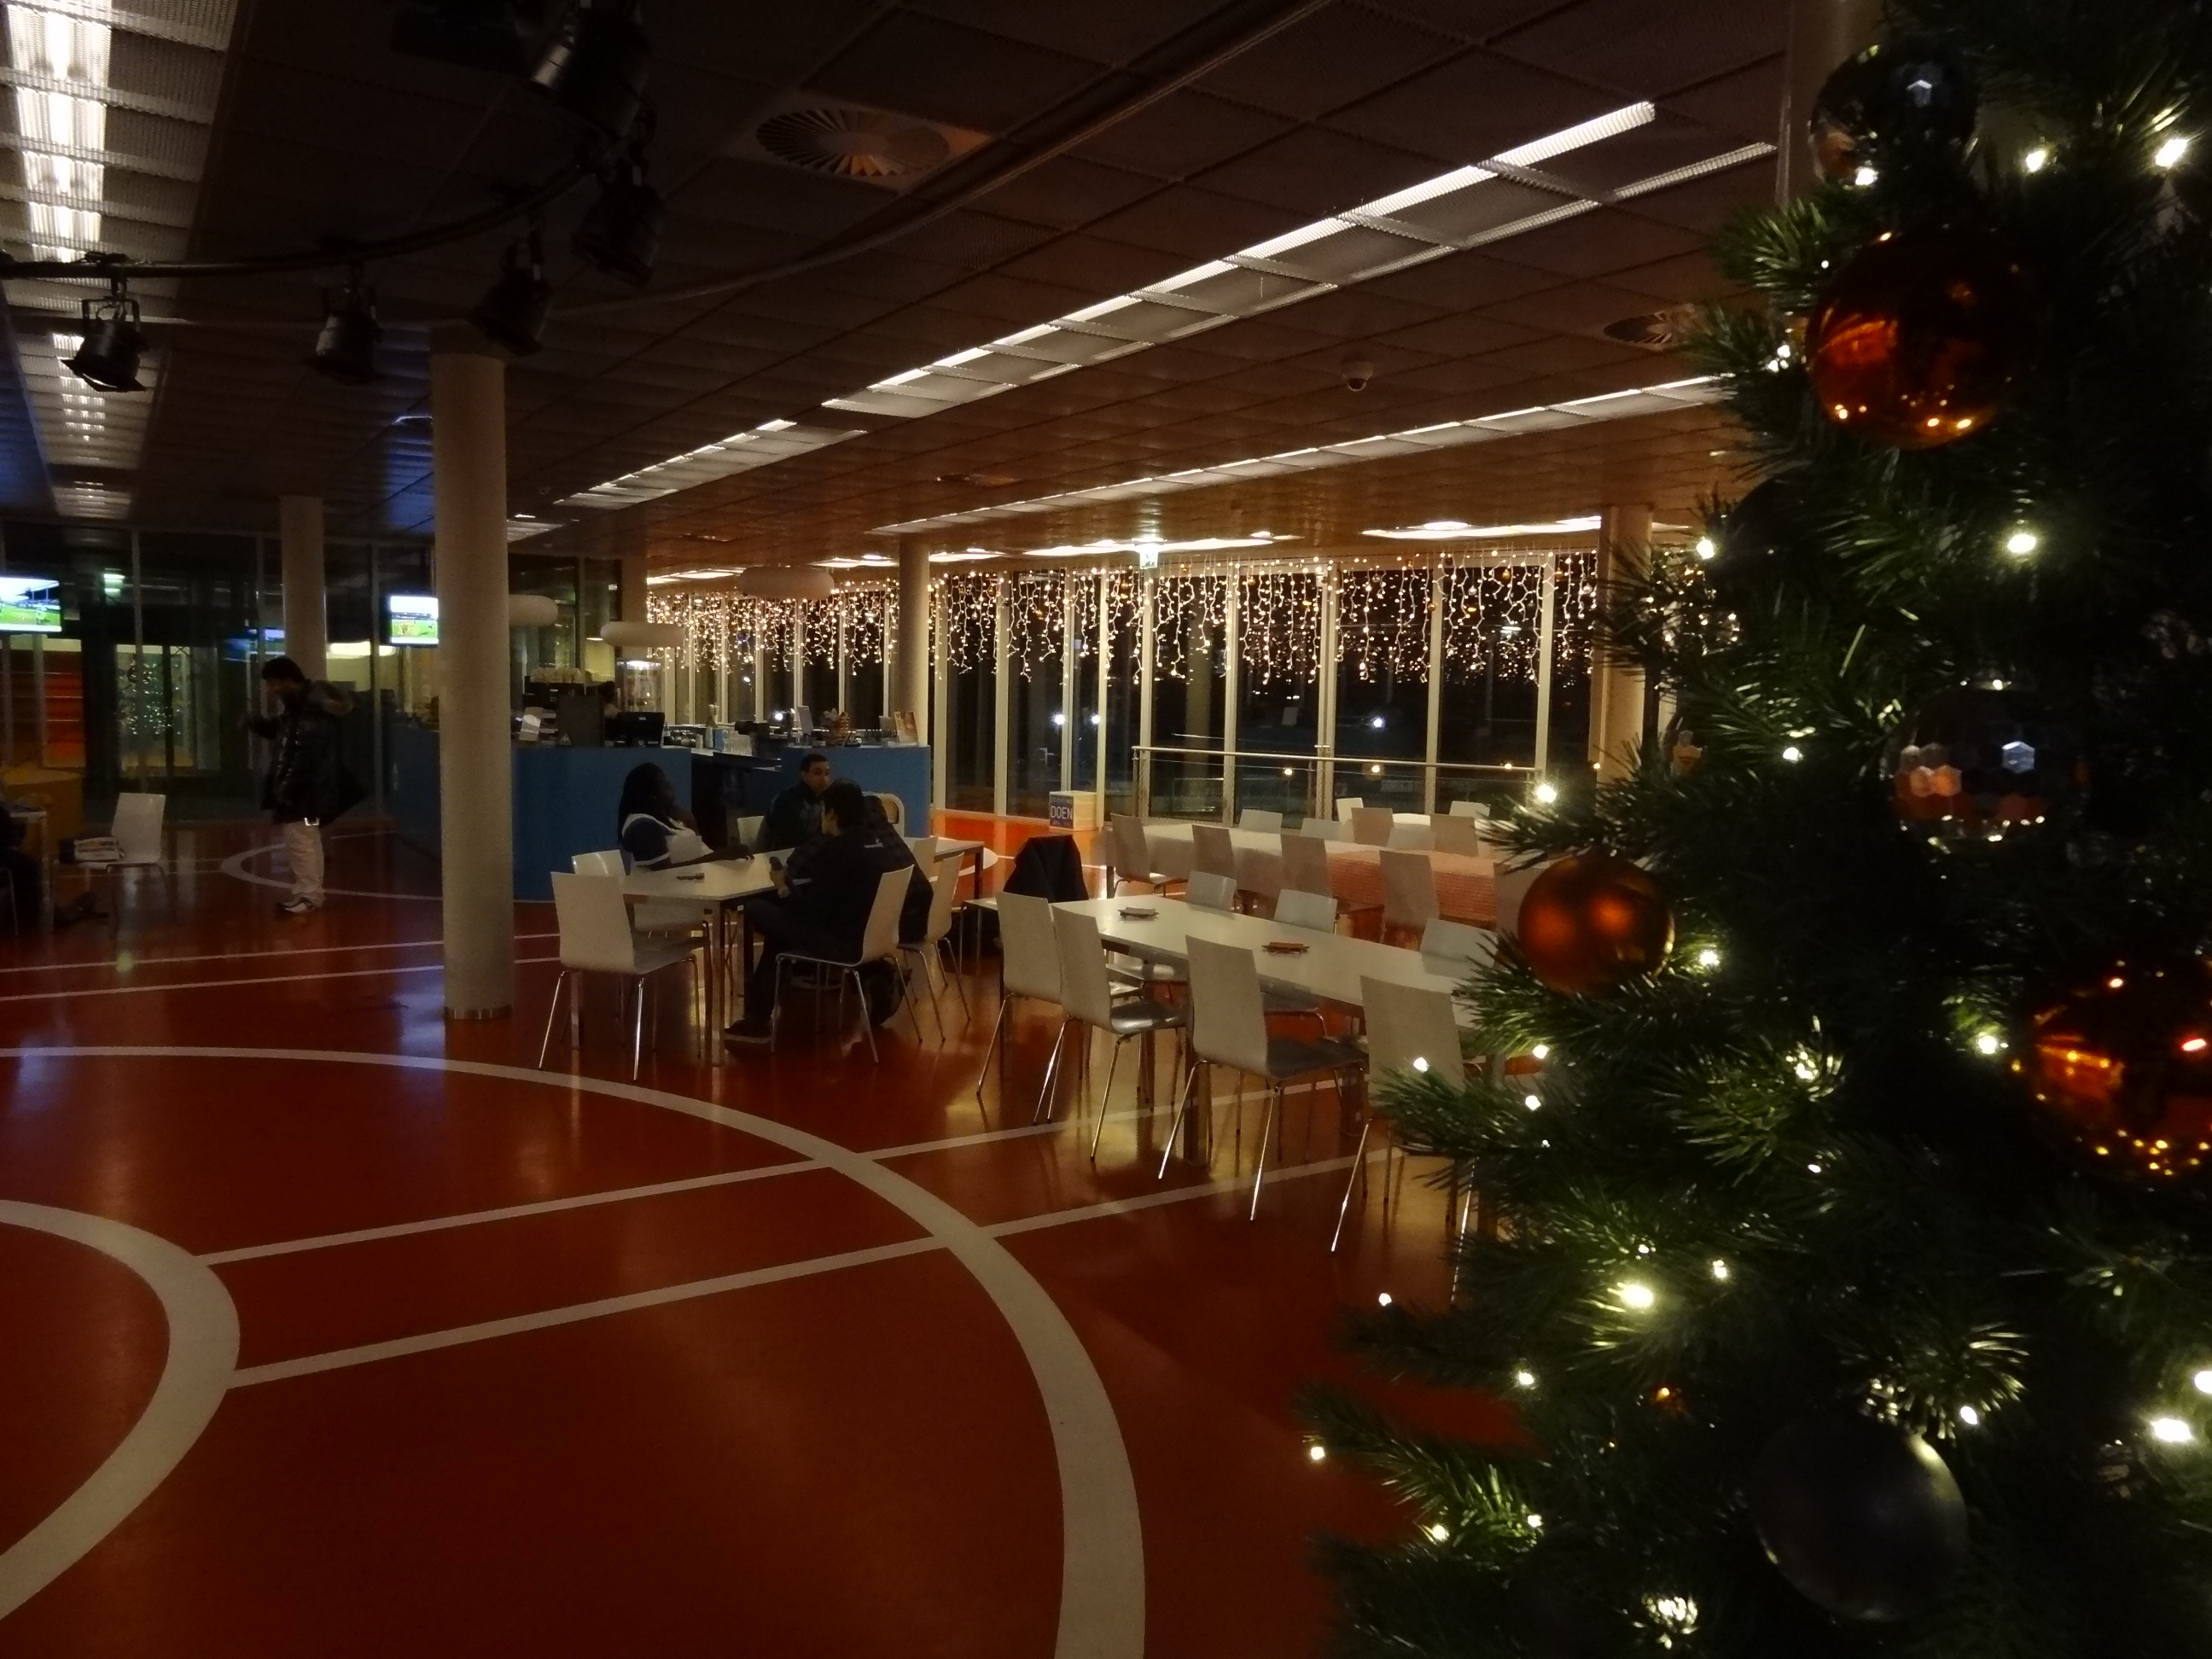 Kerstverlichting in het clubhuis